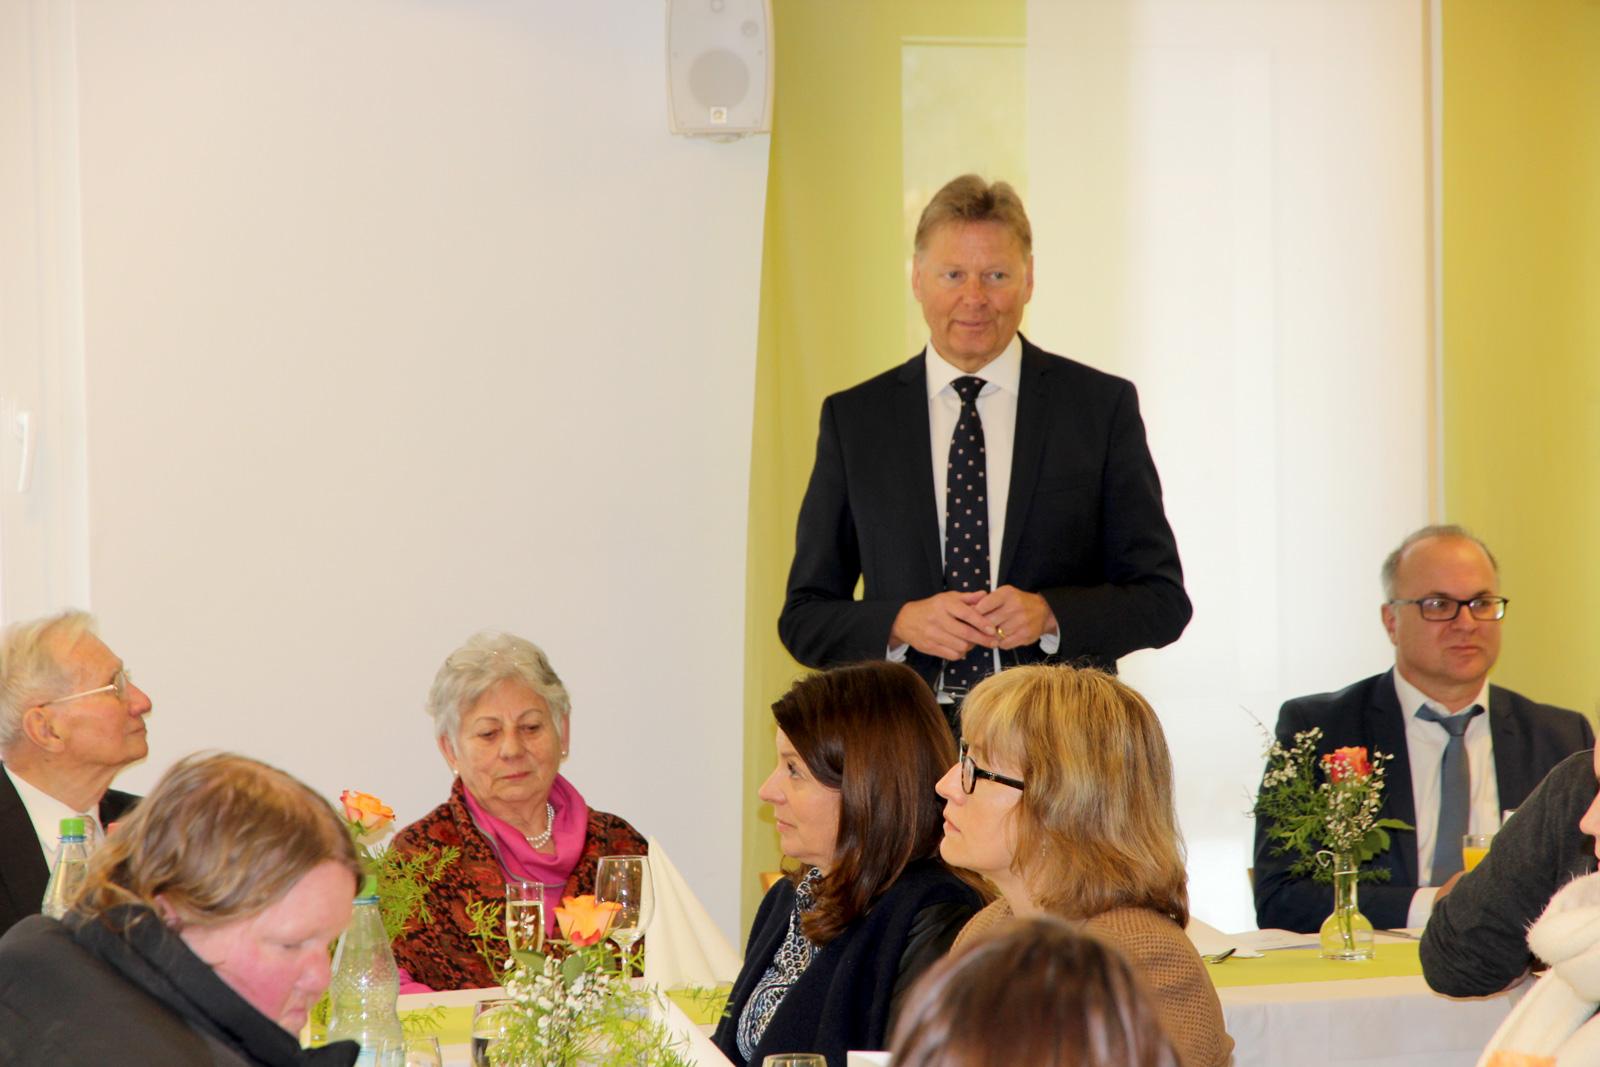 Geschäftsführer Norbert Dünkel begrüßt die Gäste.